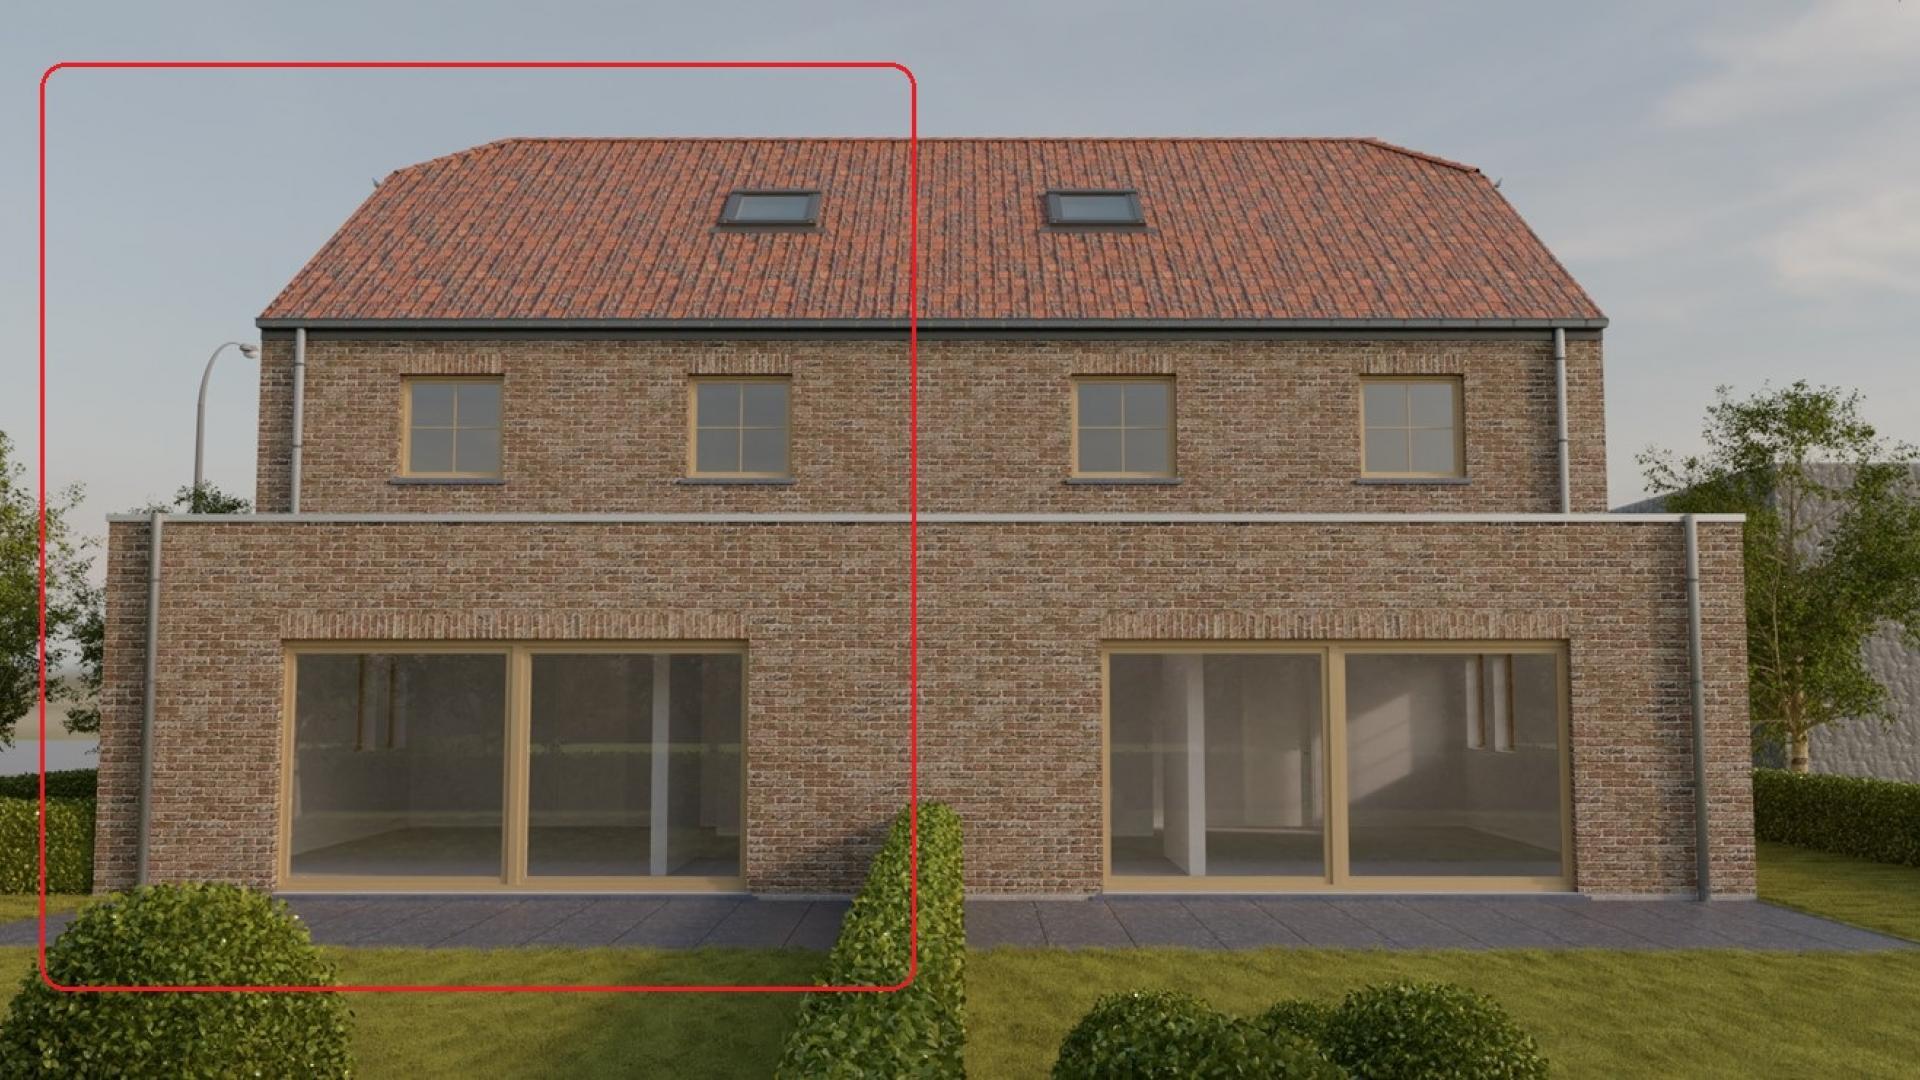 Ruime nieuwbouwwoning met 3 slaapkamers en tuin. Afwerking naar keuze.